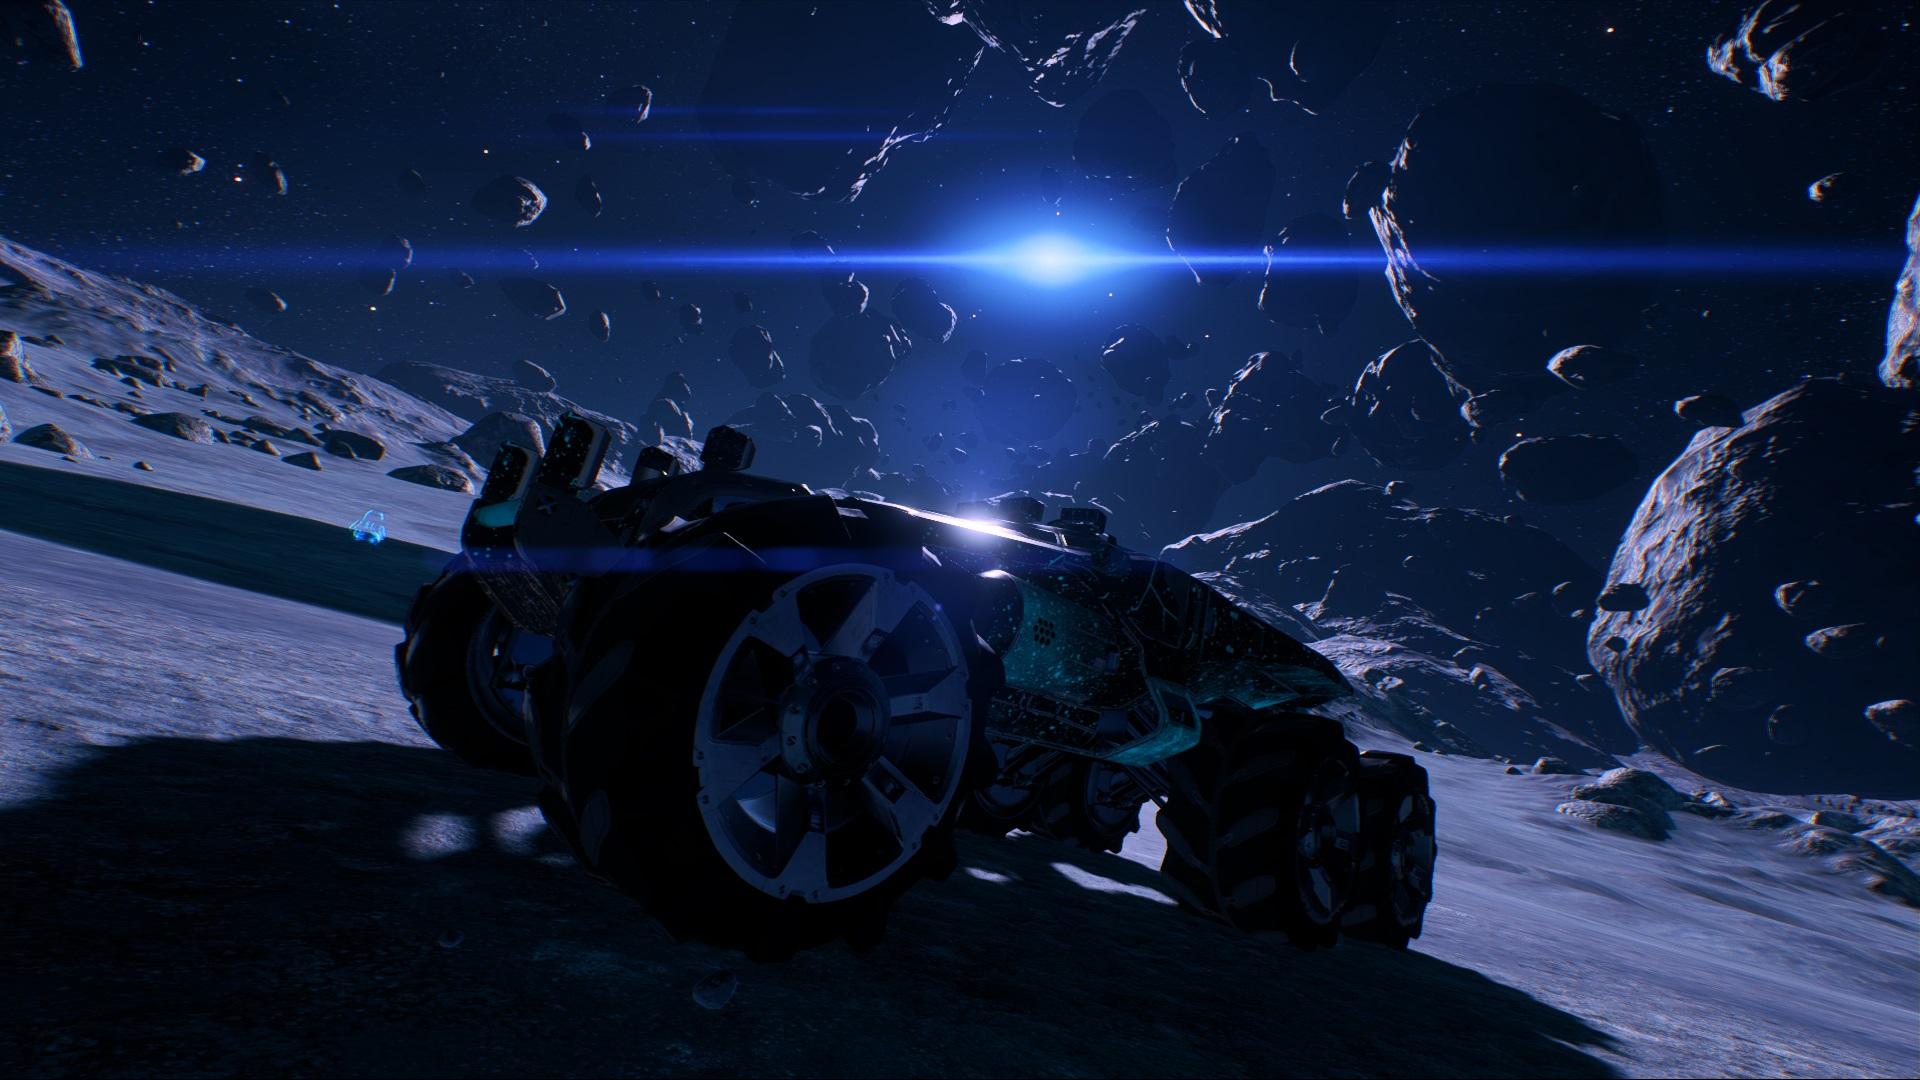 Je Mass Effect: Andromeda špatná hra? 13125